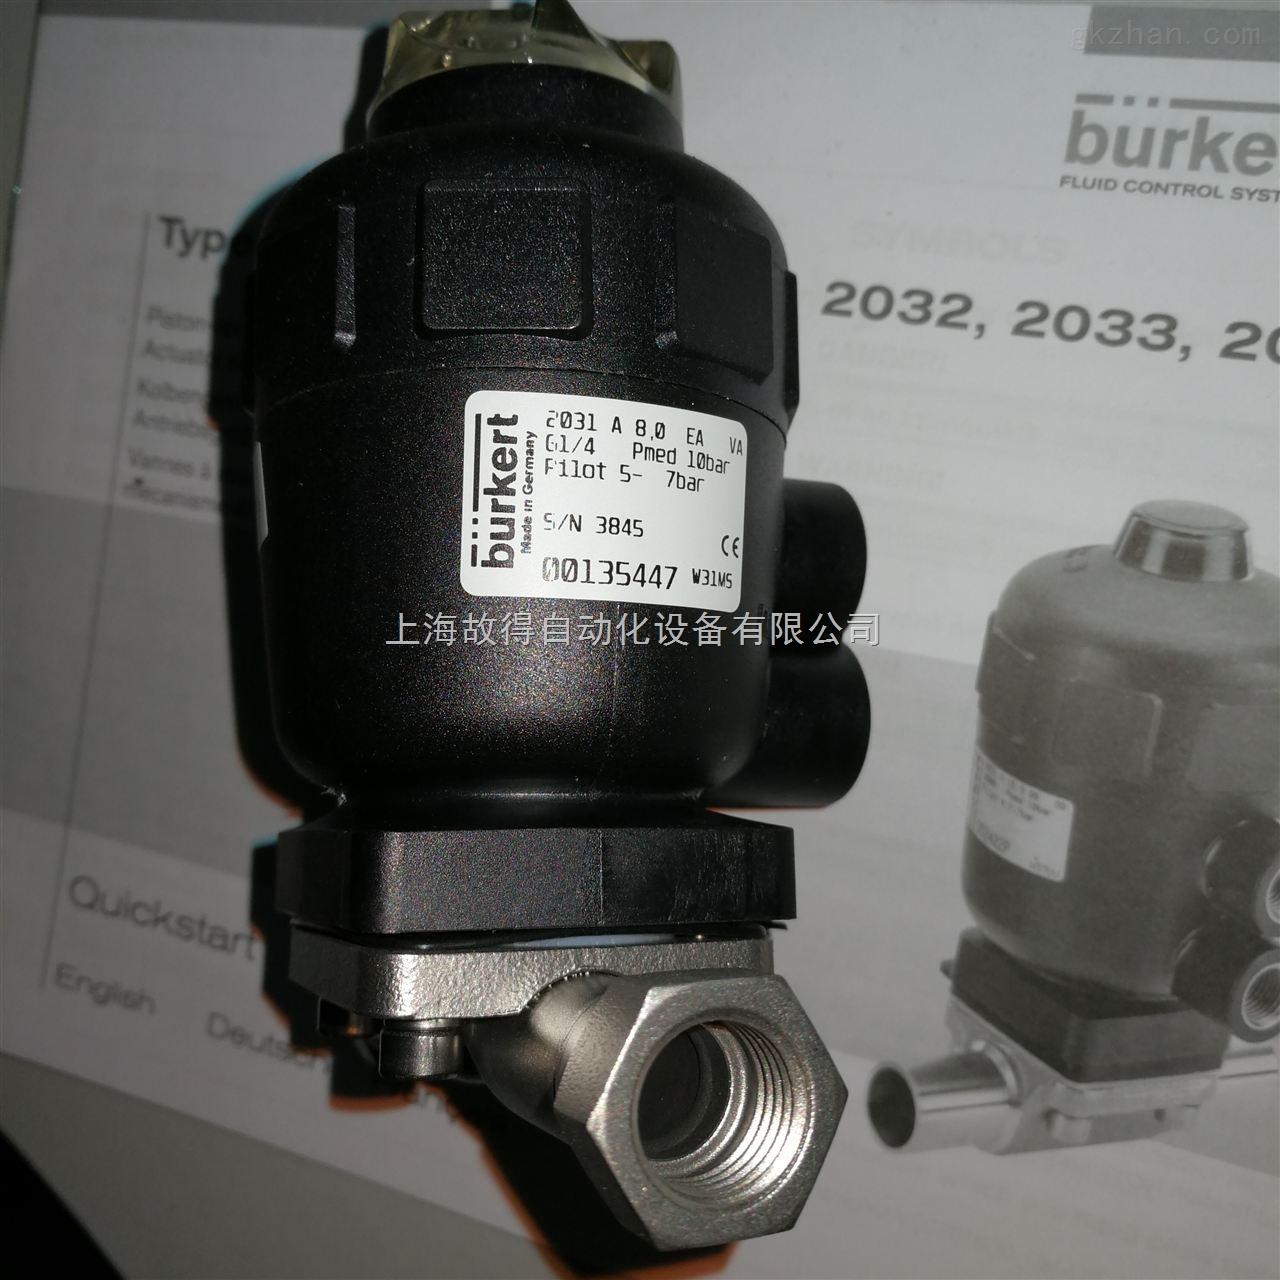 宝德2031隔膜阀,burkert2031隔膜阀技术资料